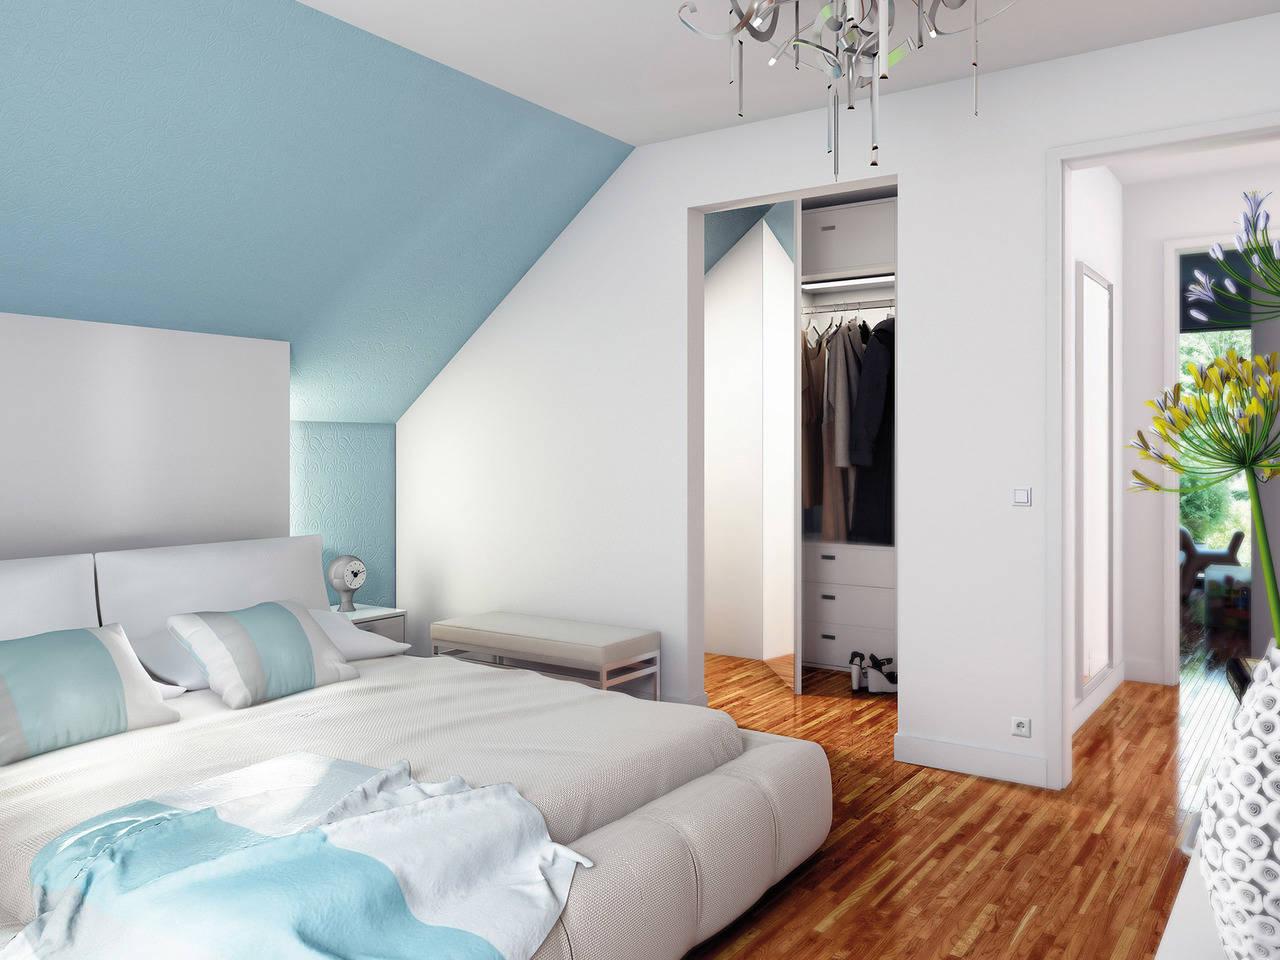 Haus SOLUTION 151 V9 Schlafzimmer von Living Haus